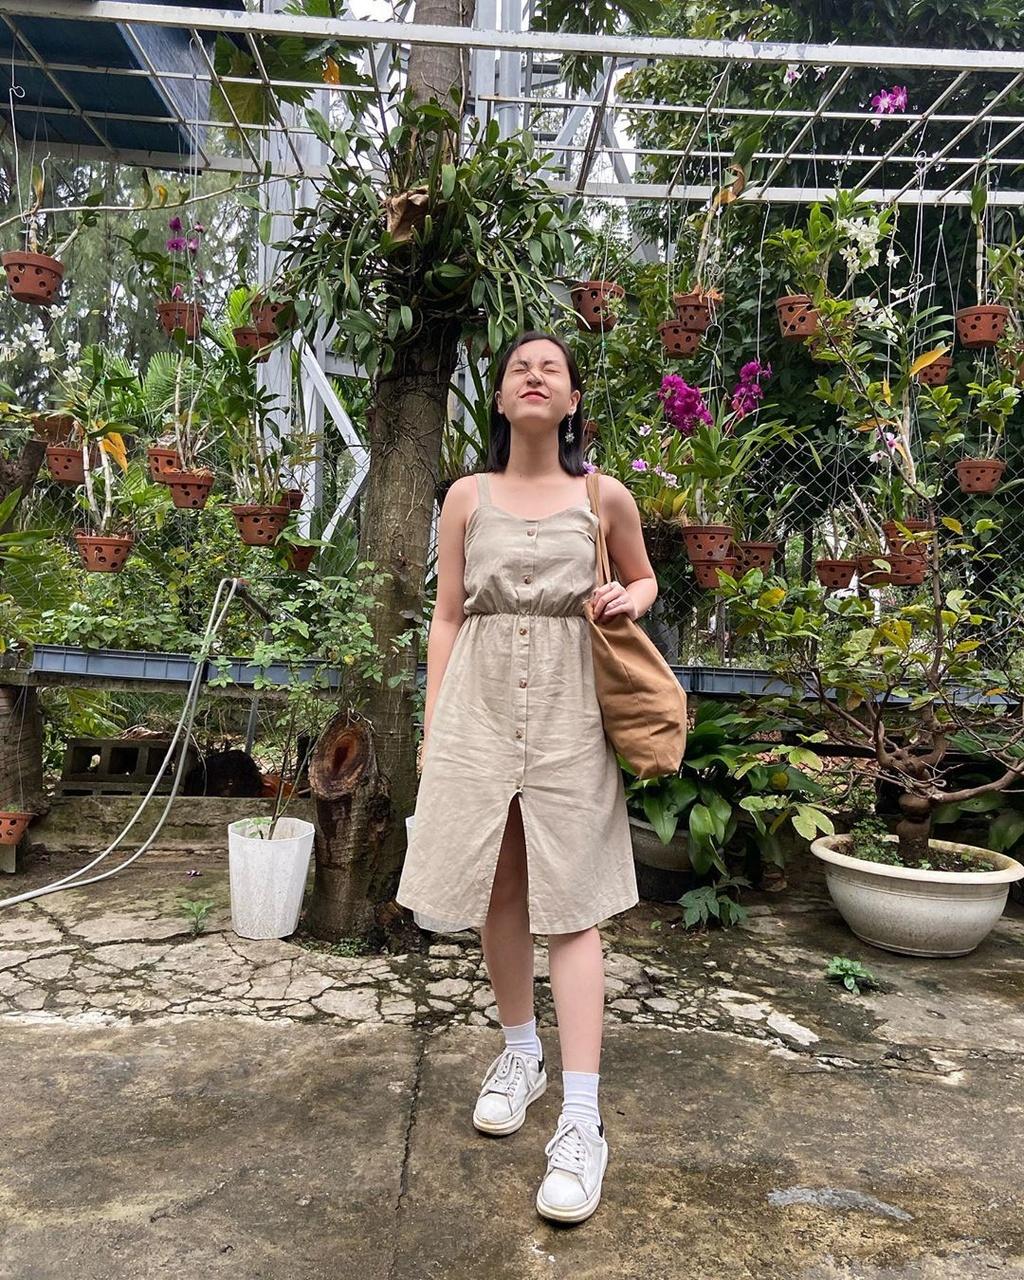 Ha Lan 'Mat biec' chuong style nang tho, Hong thich kieu truong thanh hinh anh 17 70986715_123550572446580_6489871297078791545_n.jpg